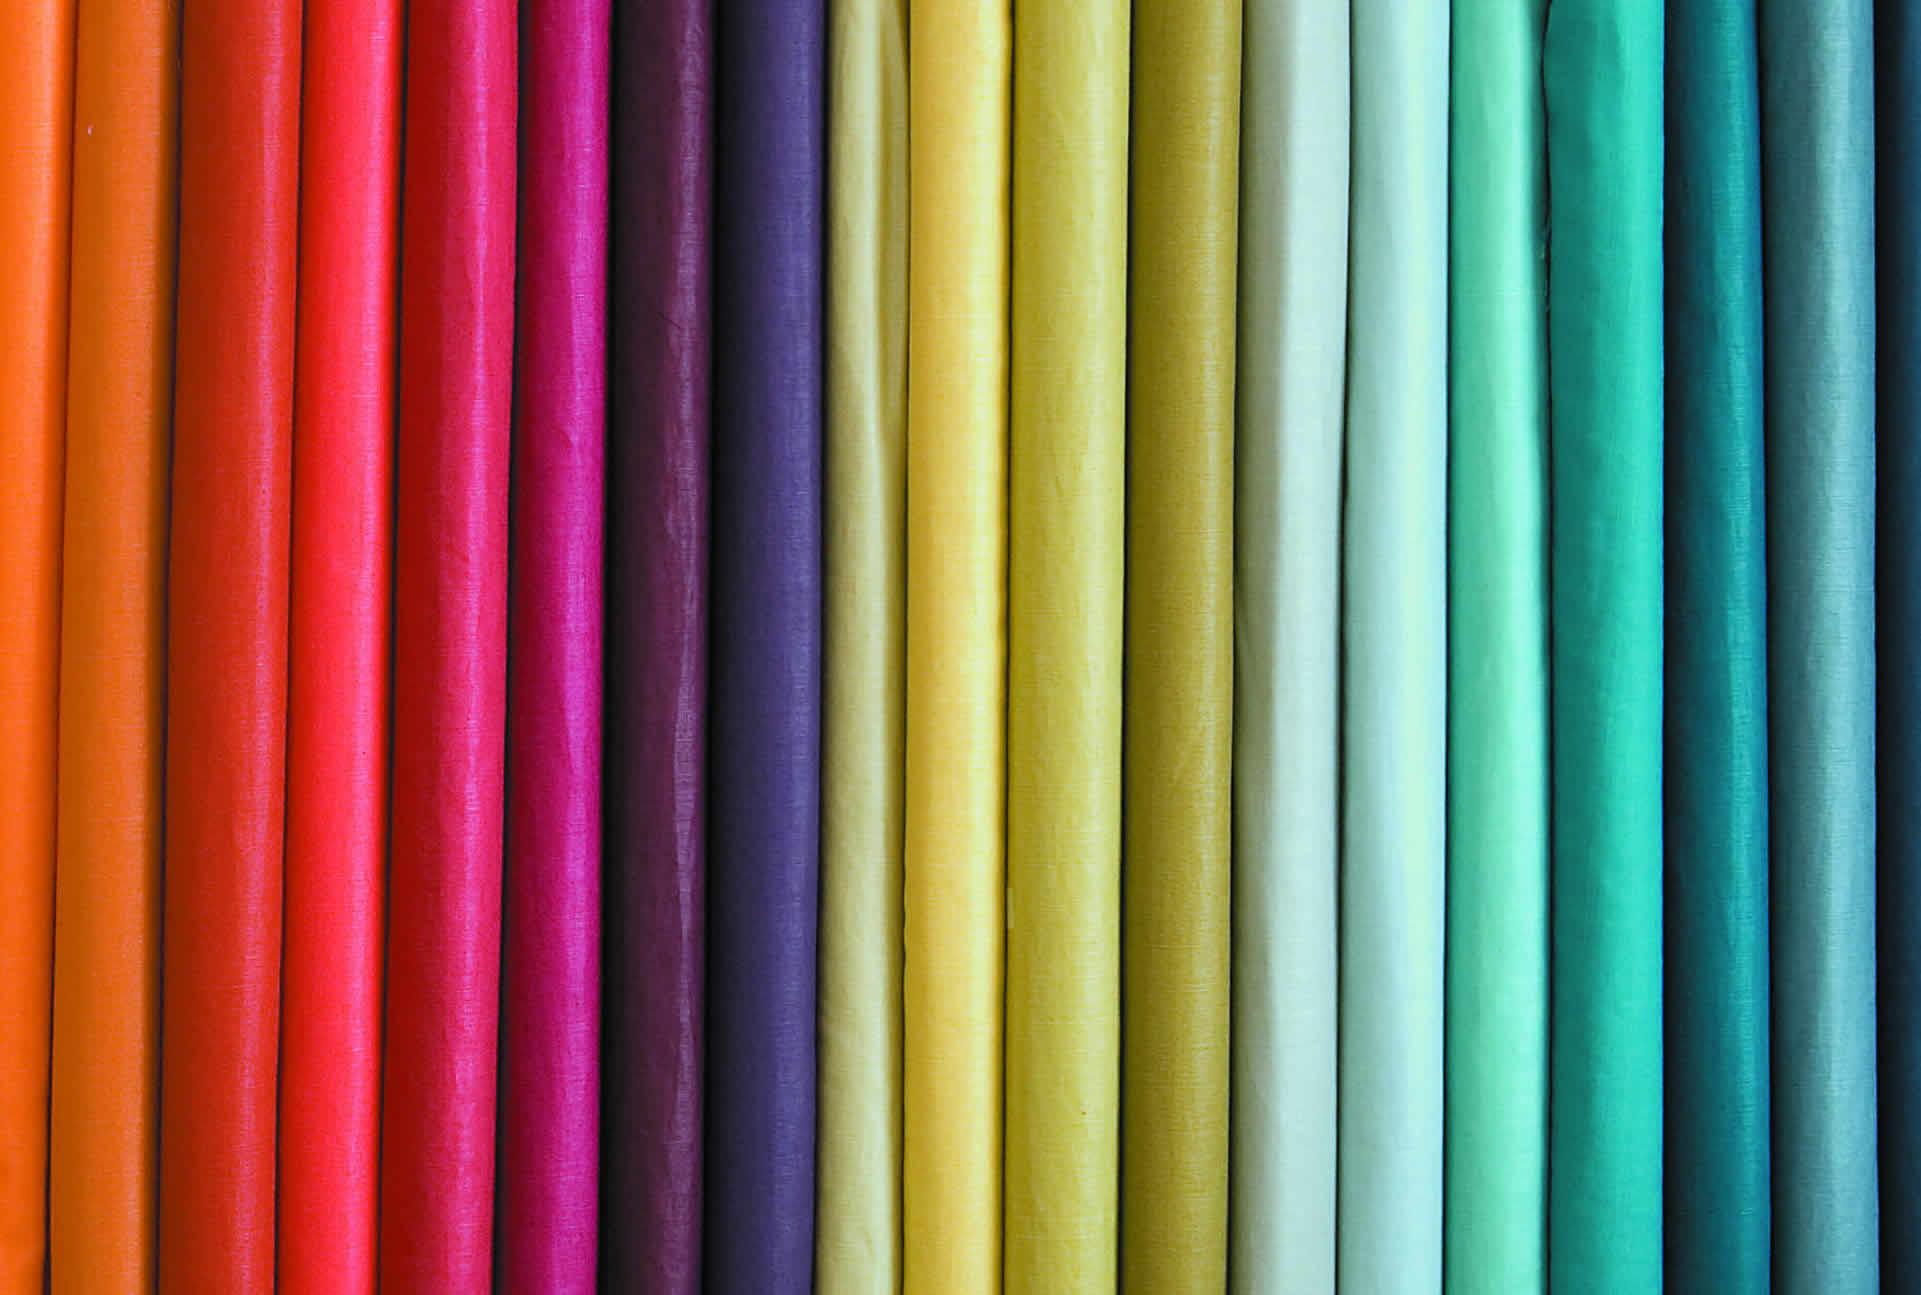 纺织品B2B平台百布完成迄今中国纺织布料领域最大一笔单轮融资